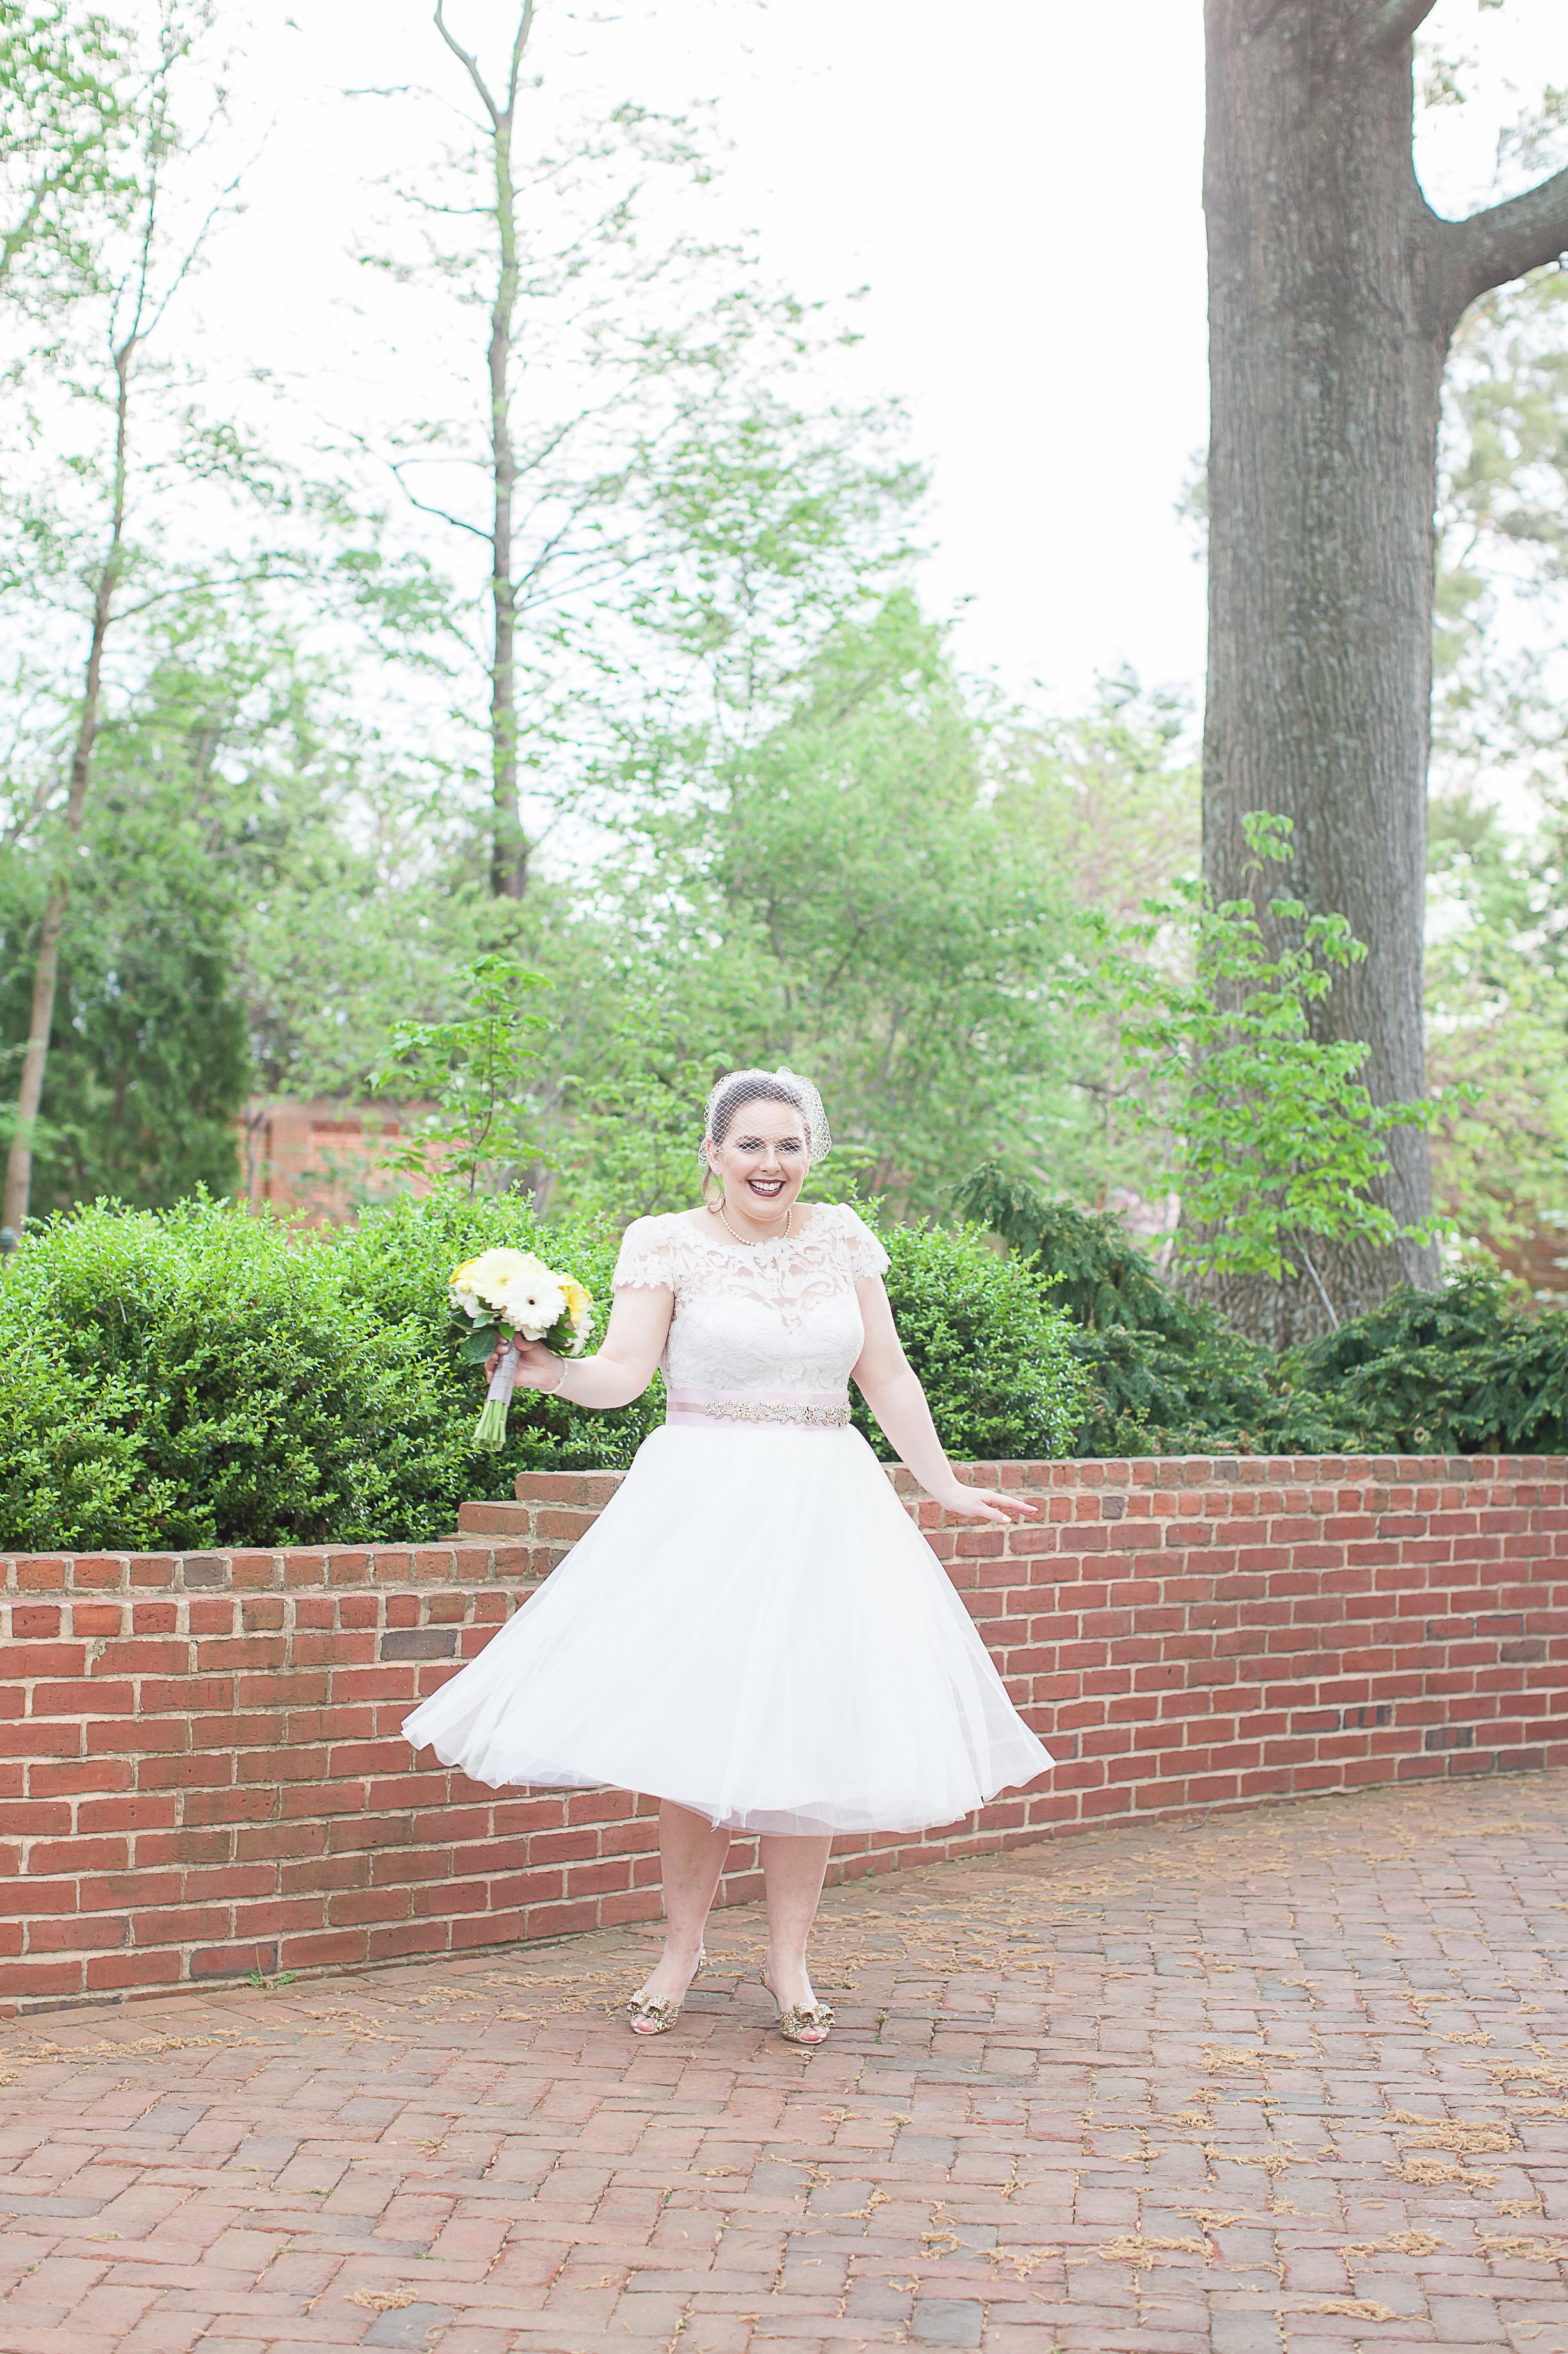 K-S-Wedding-Kim-Pham-Clark-Photography-301.jpg